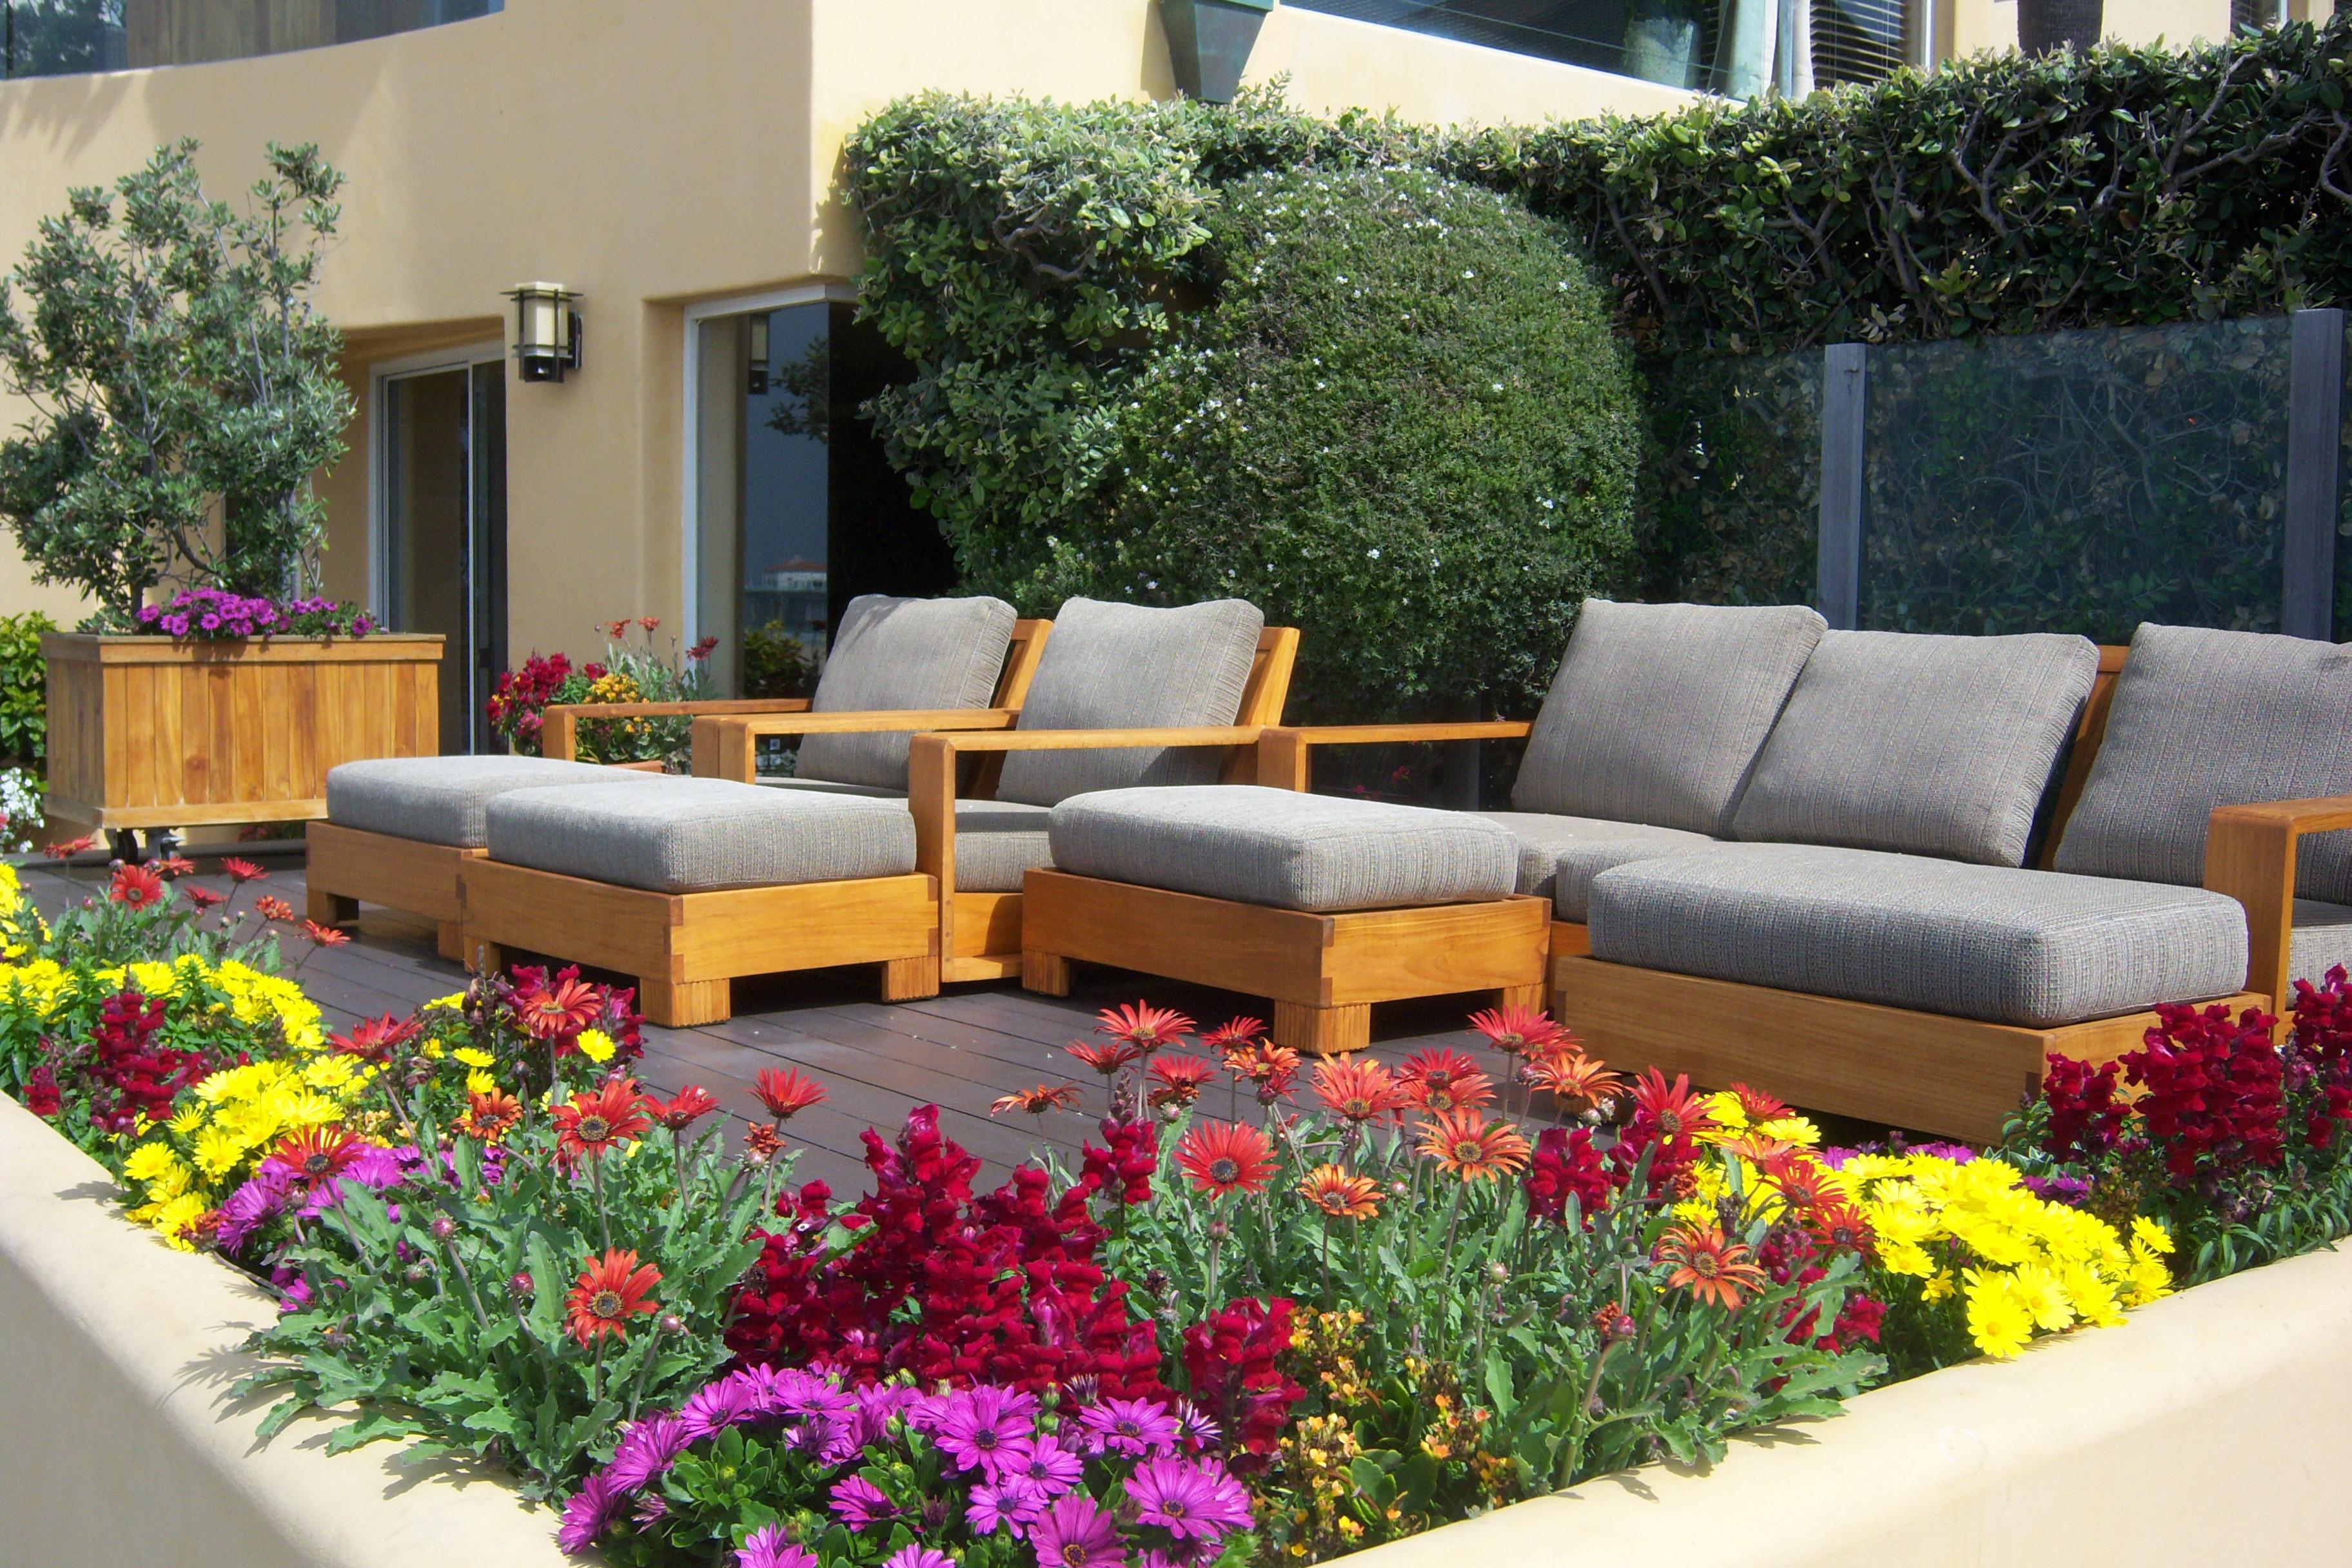 qu planto en mi terraza en la primavera u floristera la mazeta